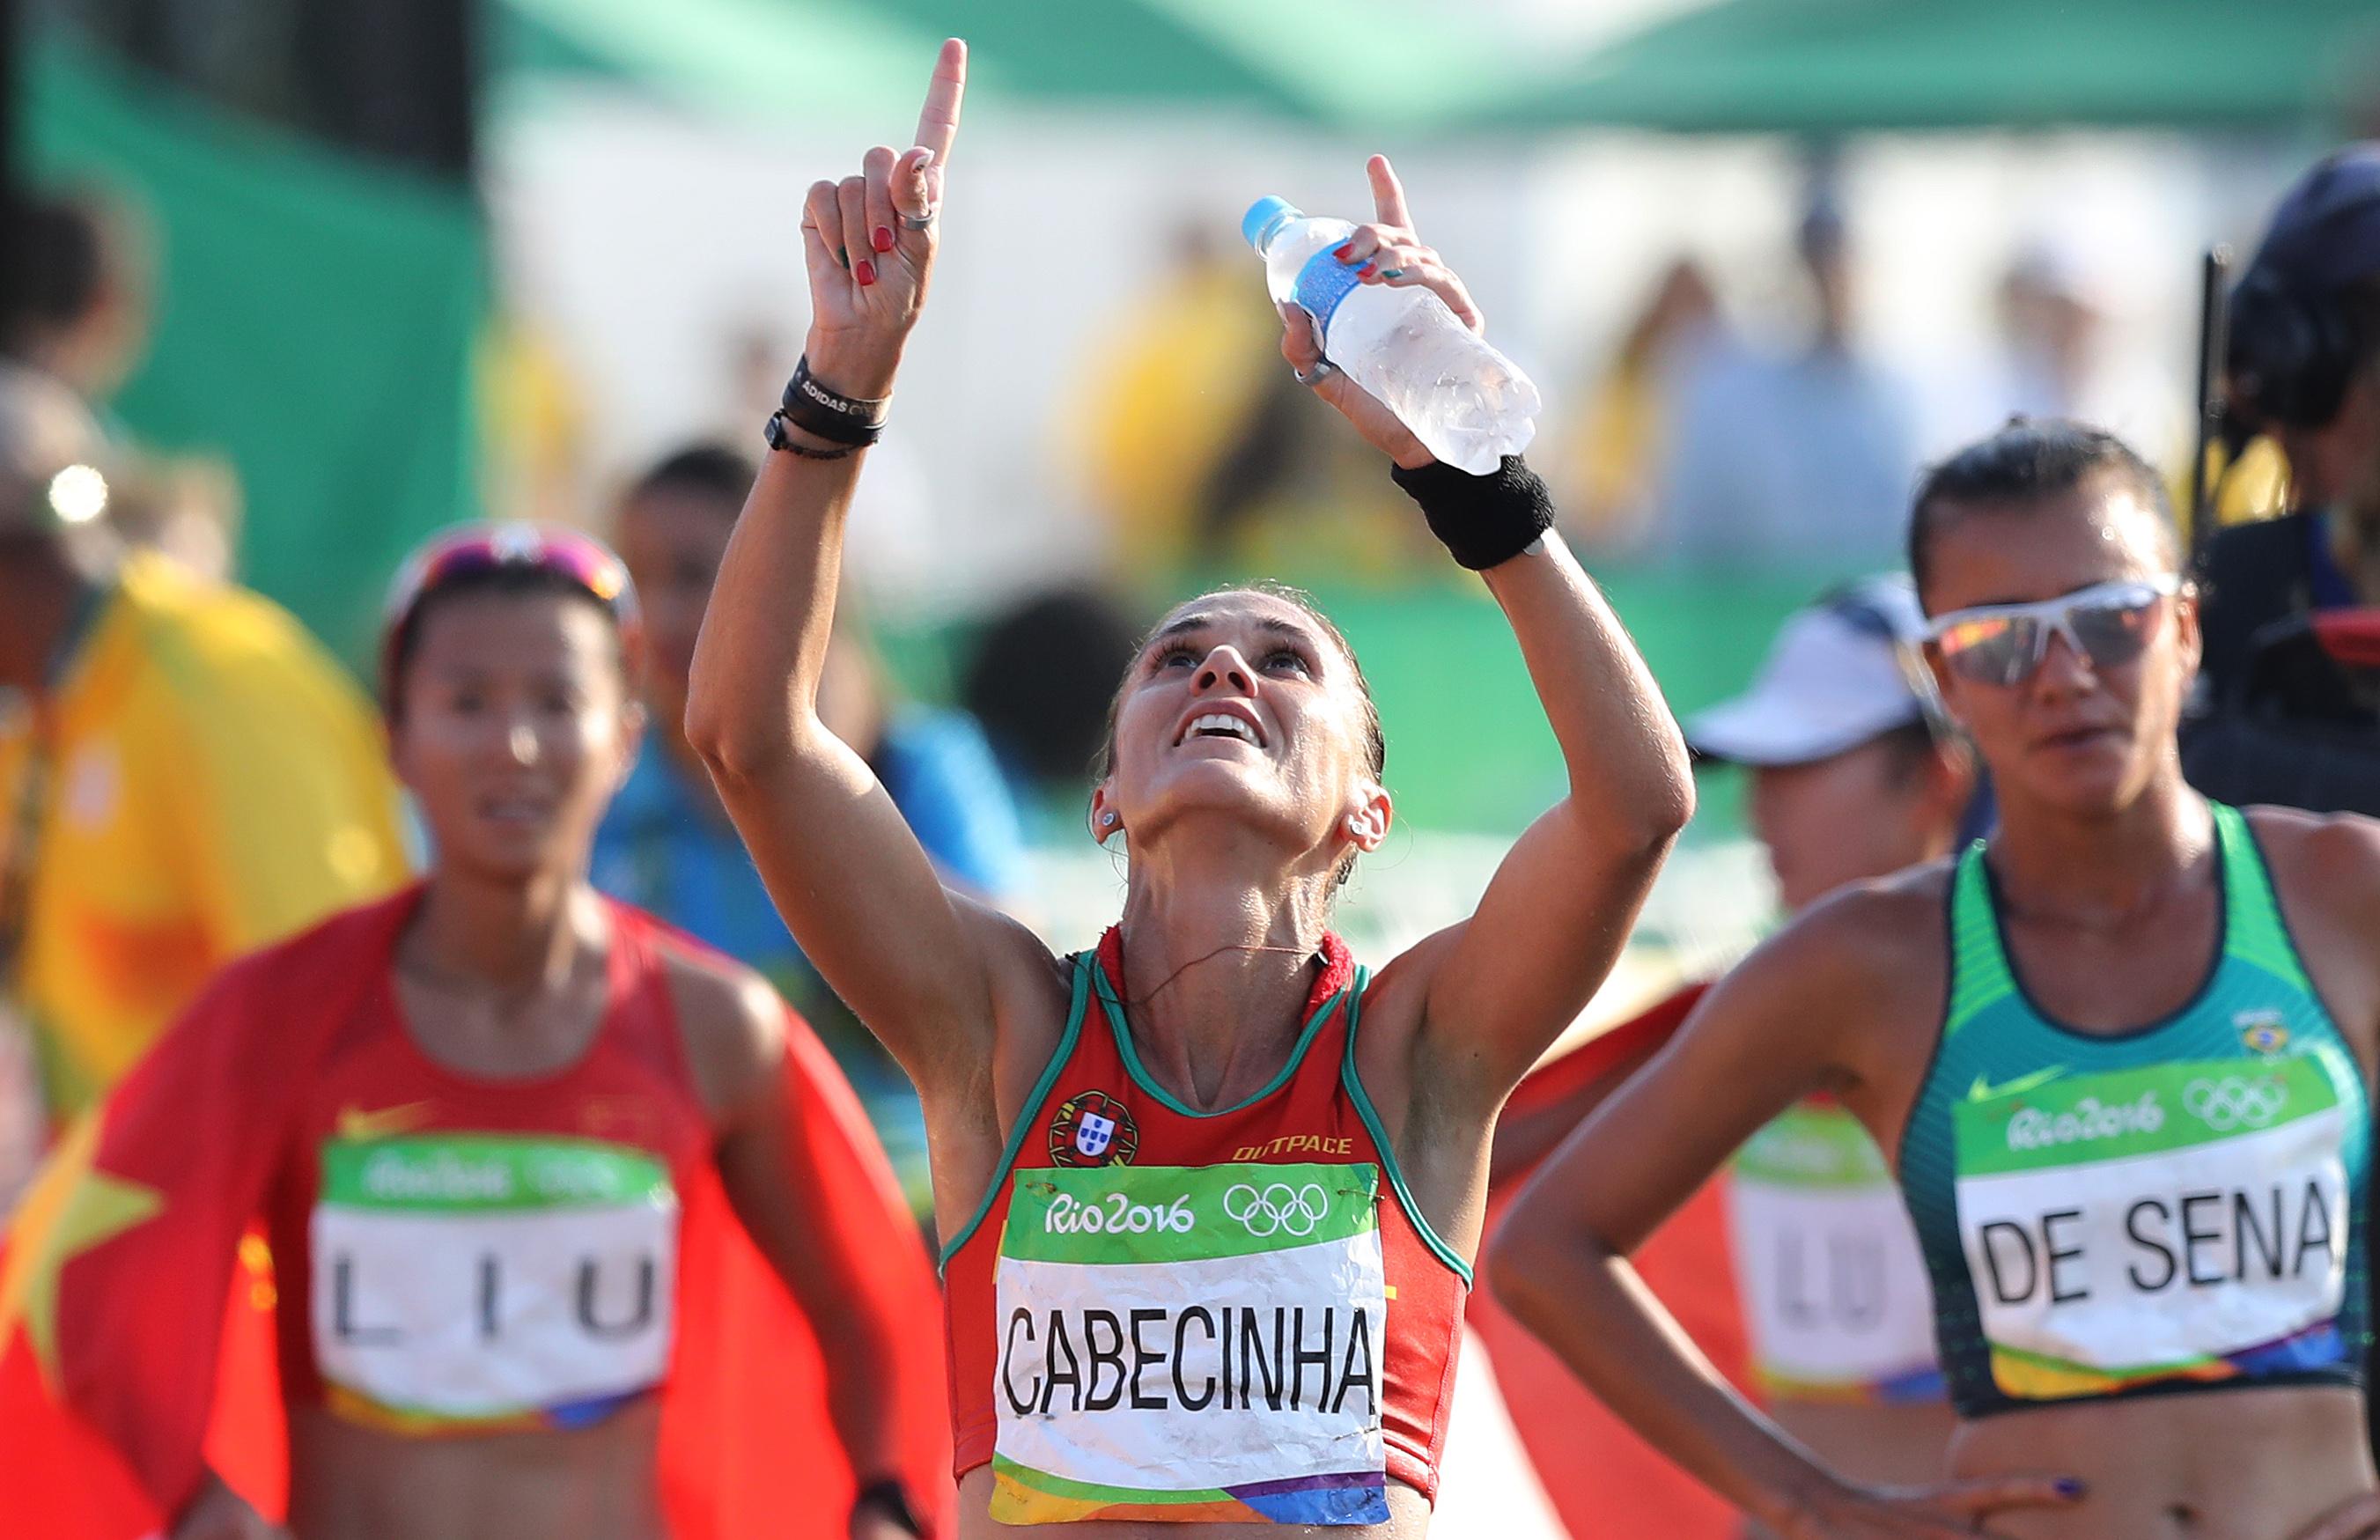 Ana Cabecinha no momento em que cortou a meta.